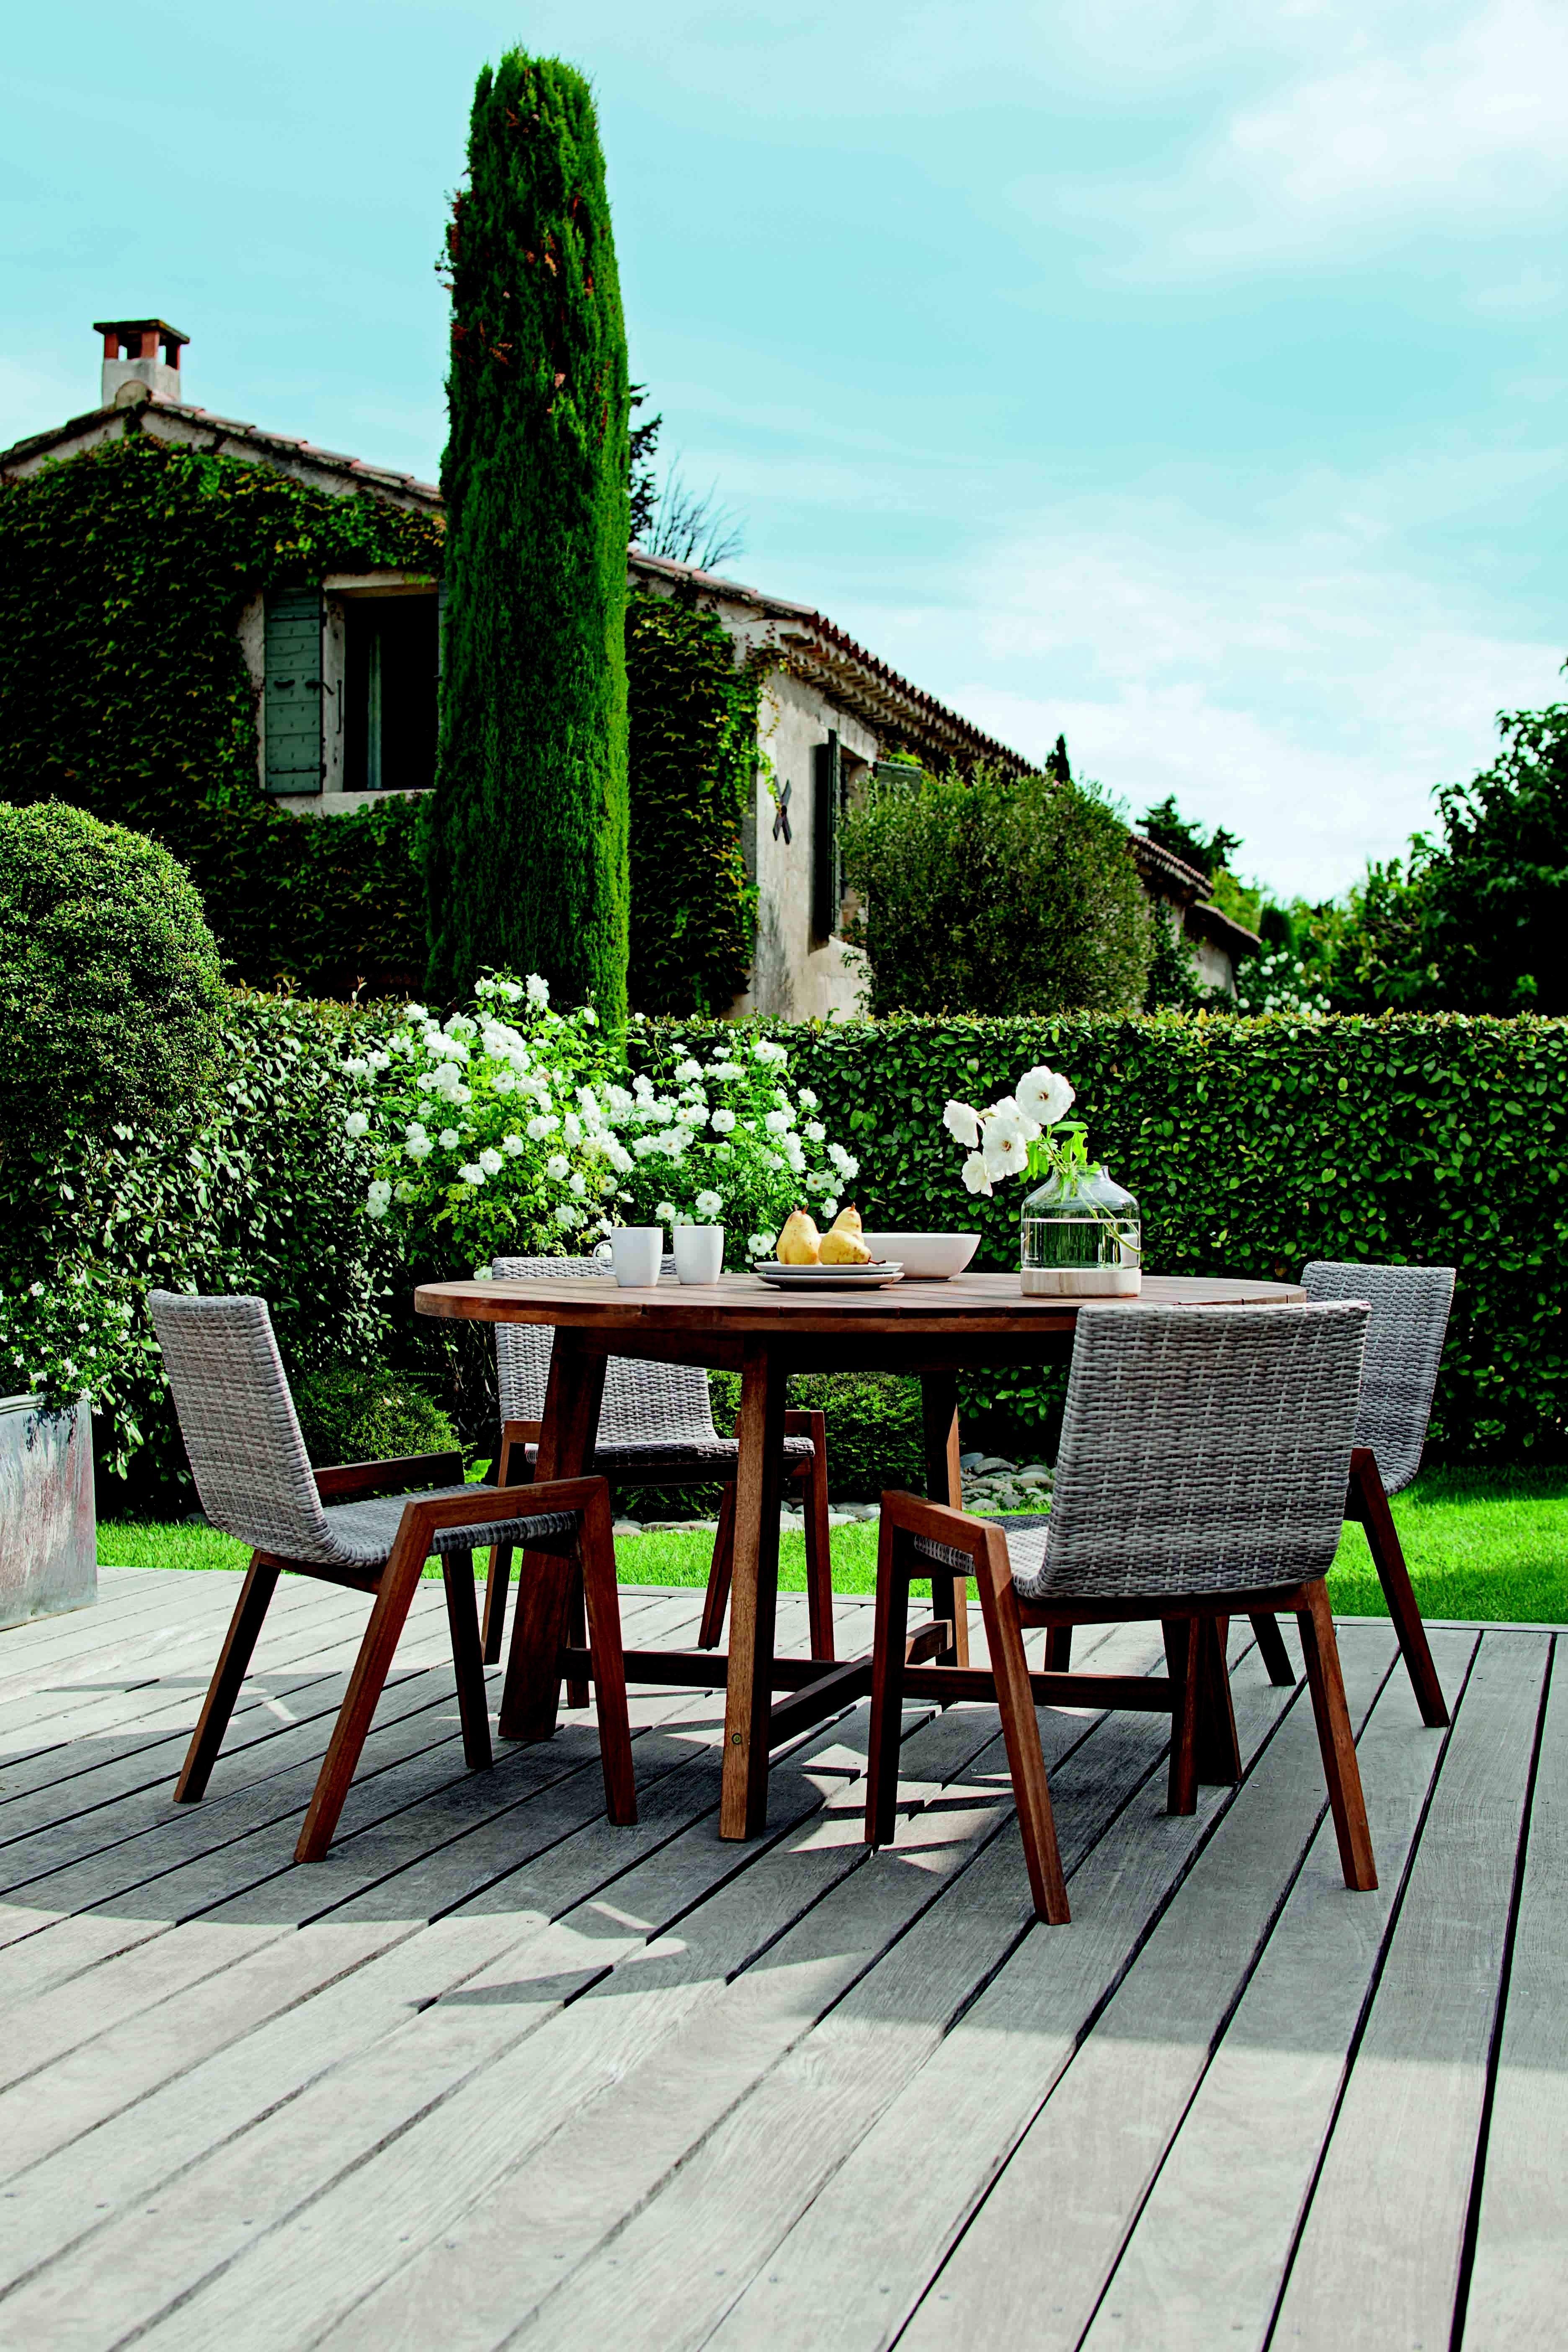 Jardin Des Sens Linselles Nouveau Photos Jardin Des Sens Linselles Beau Salon Panoramique Inspirant Salon